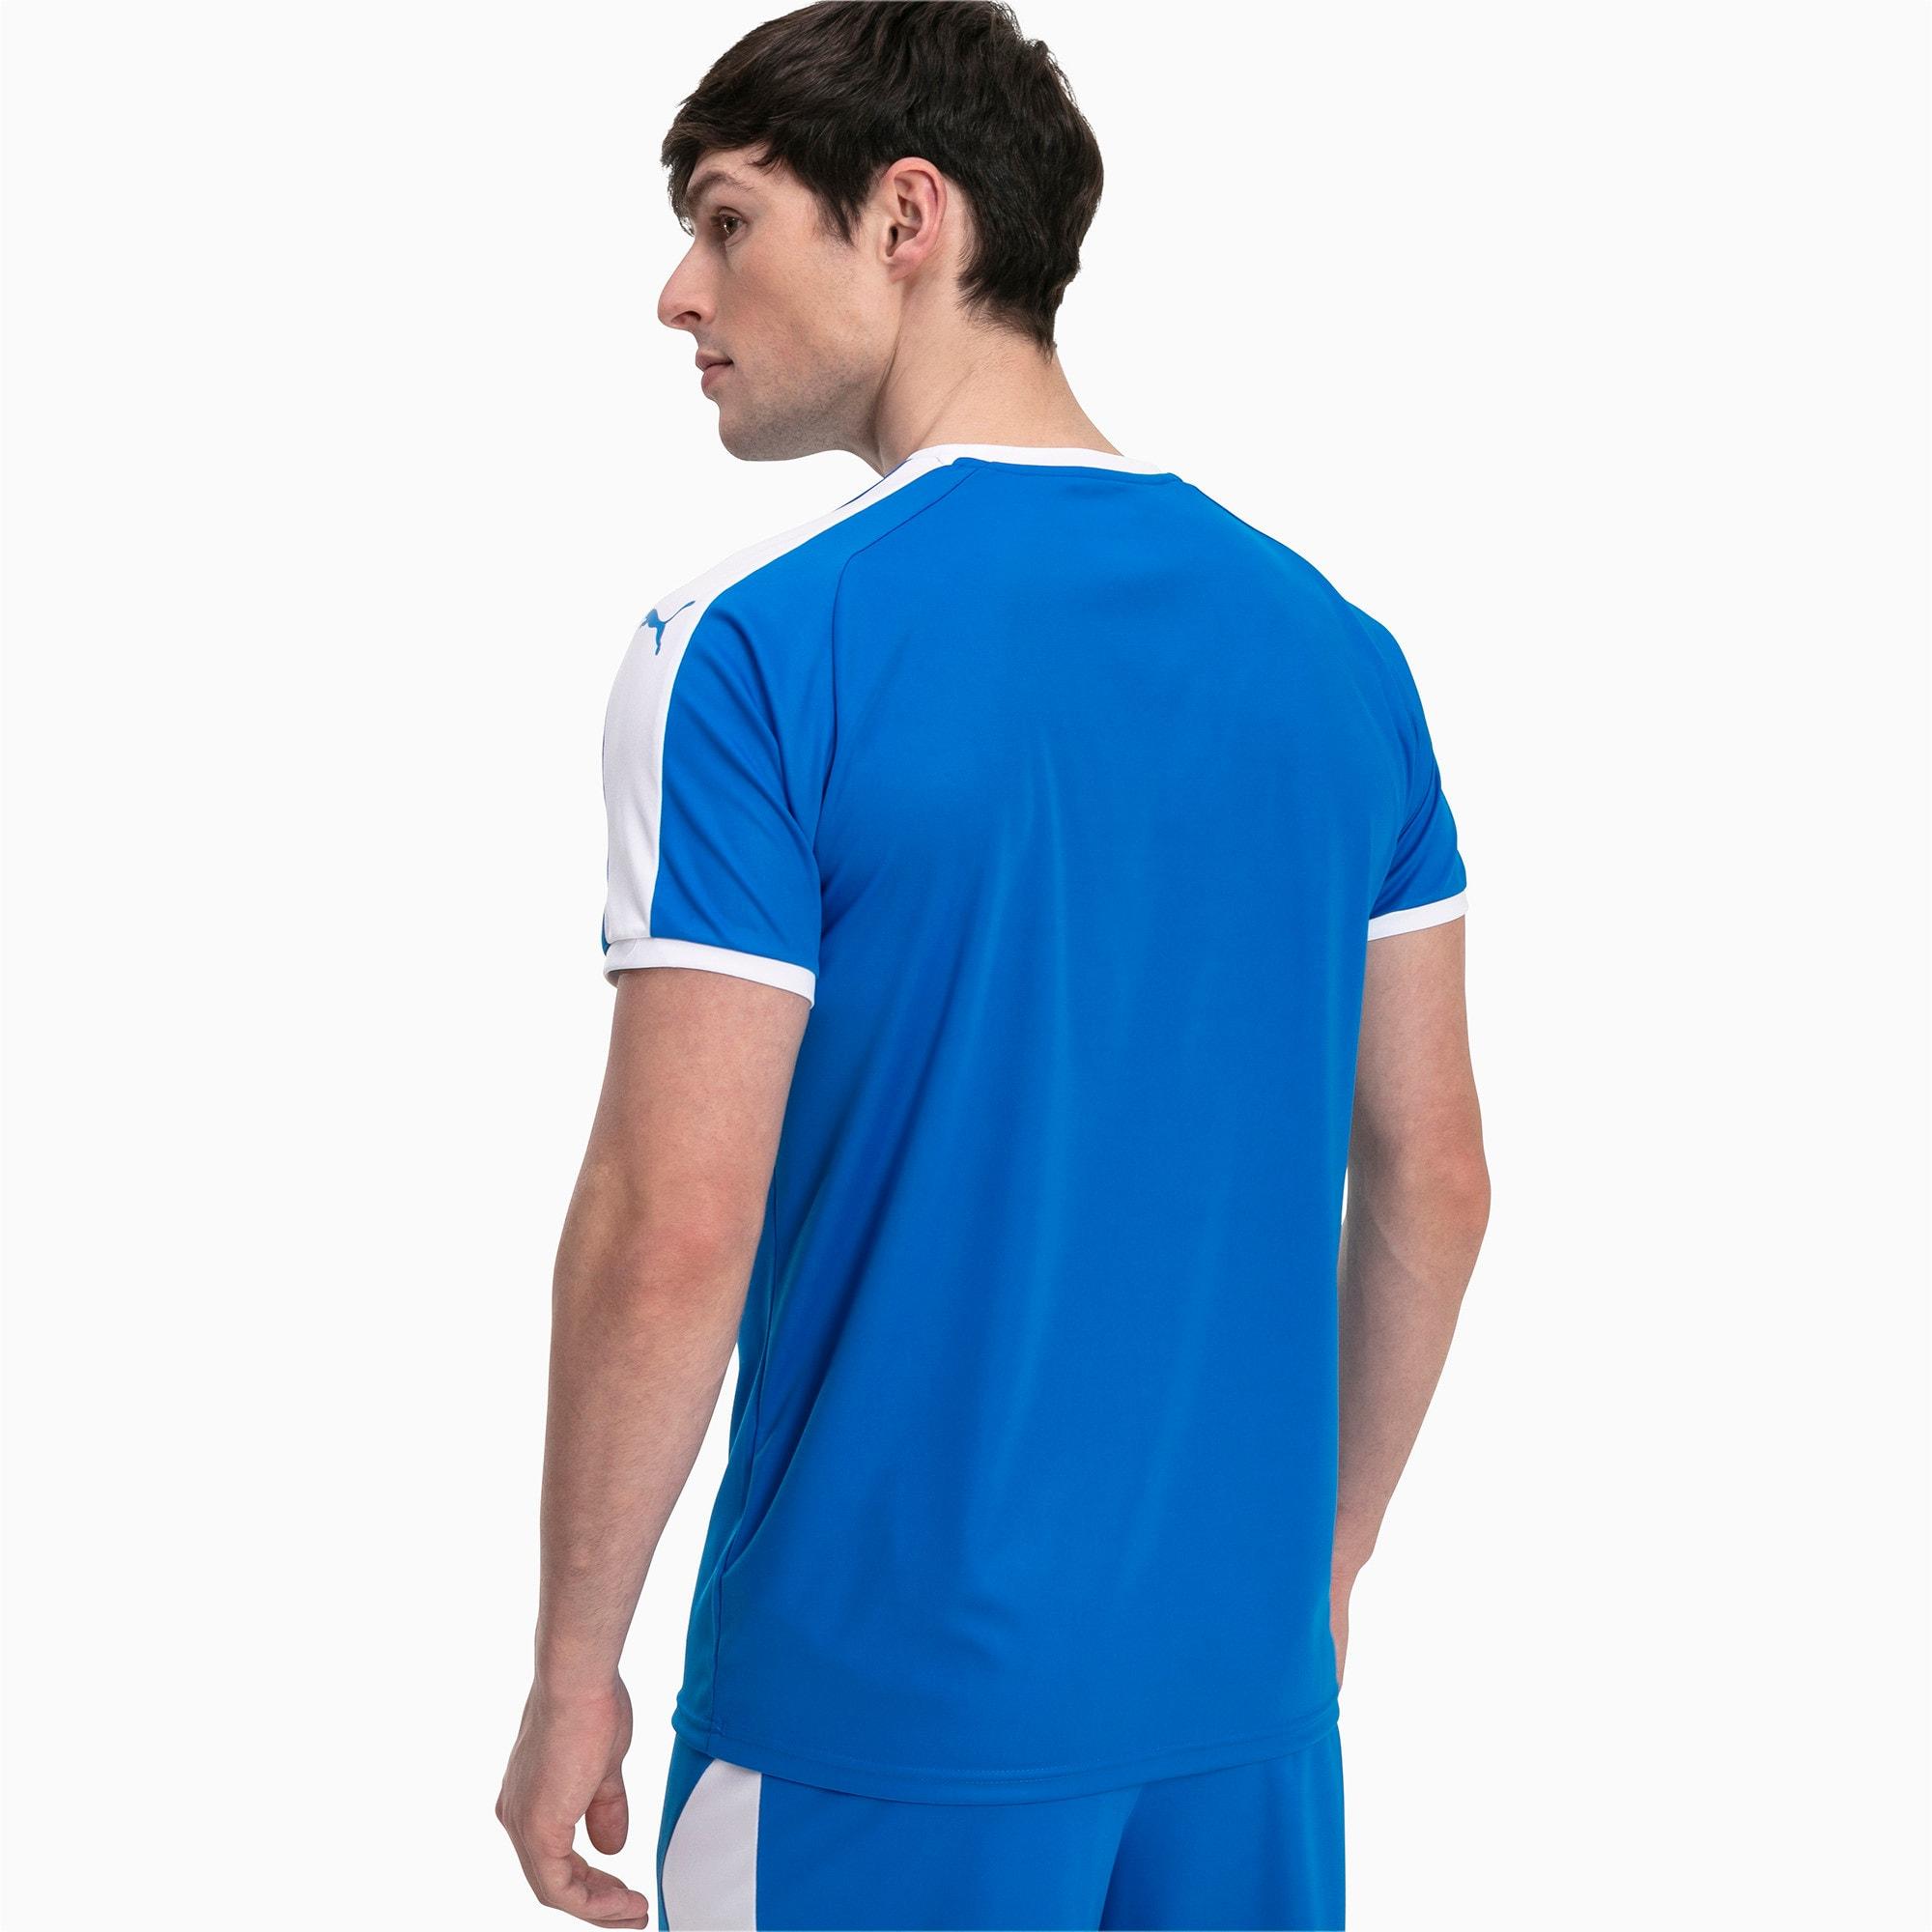 Thumbnail 2 of Liga shirt voor heren, Electric Blue Lemonade-White, medium